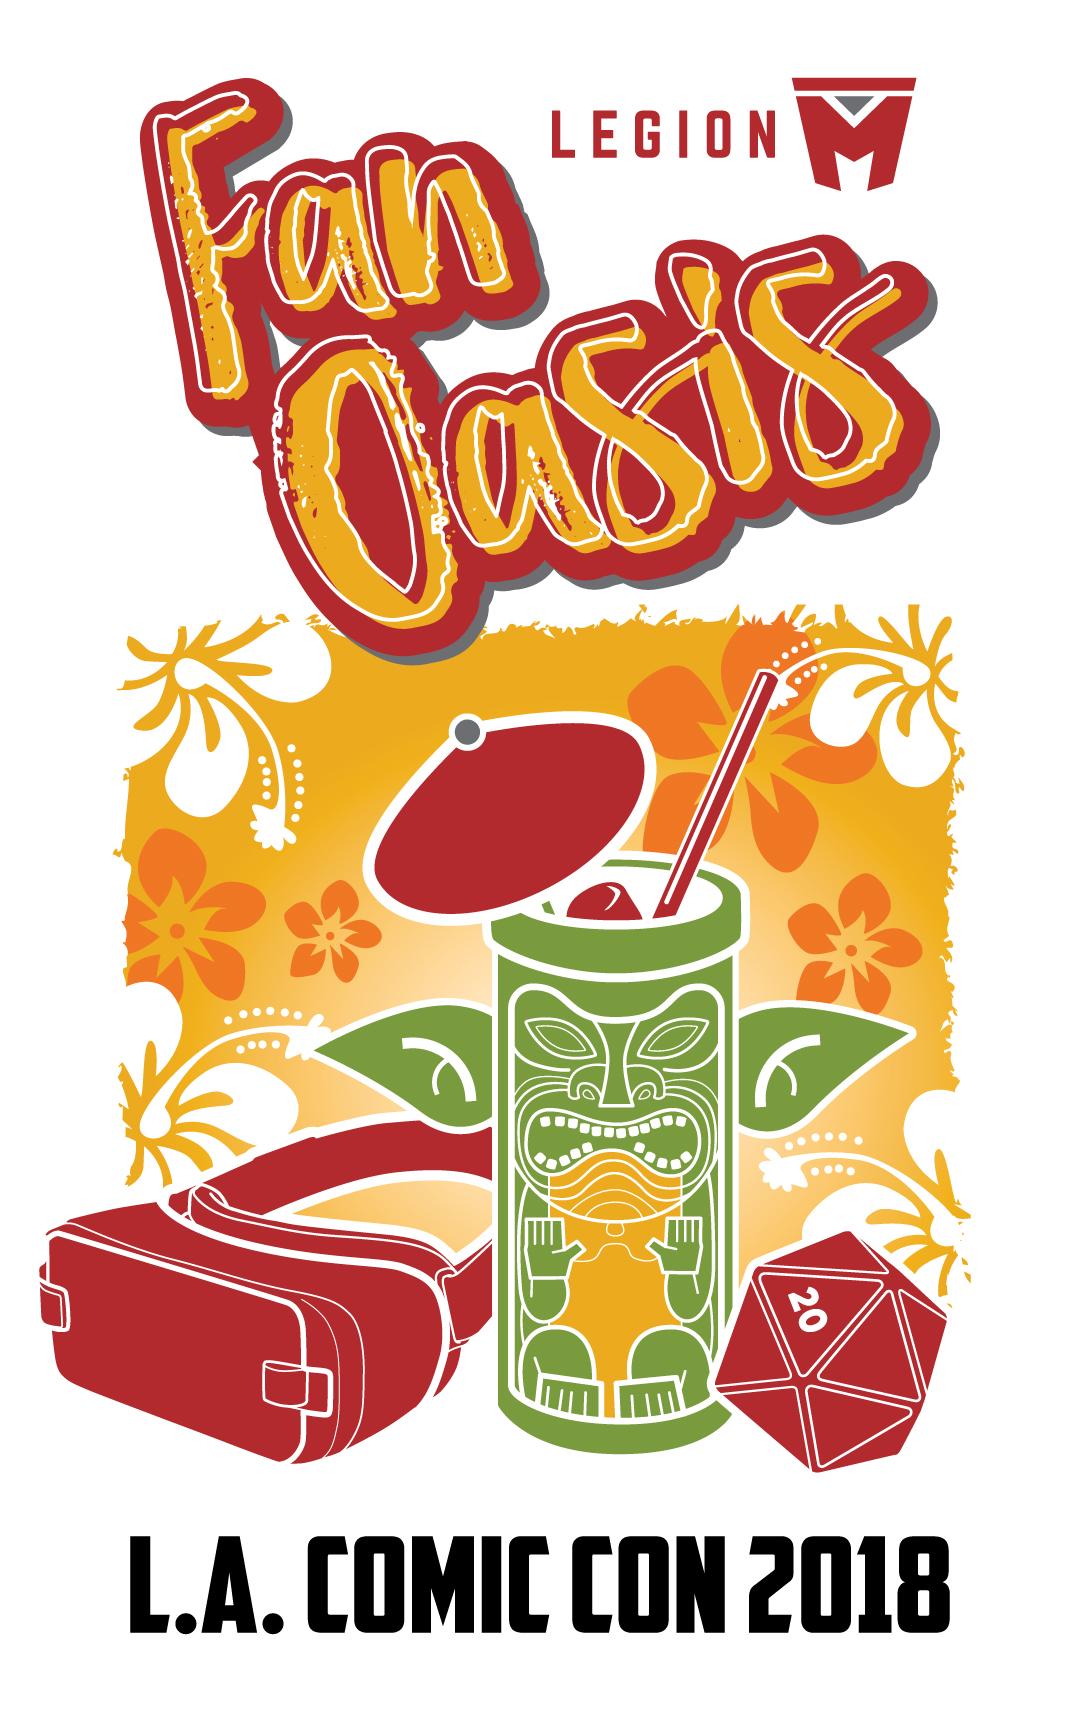 legm-logo-fan_oasis-v3.jpg